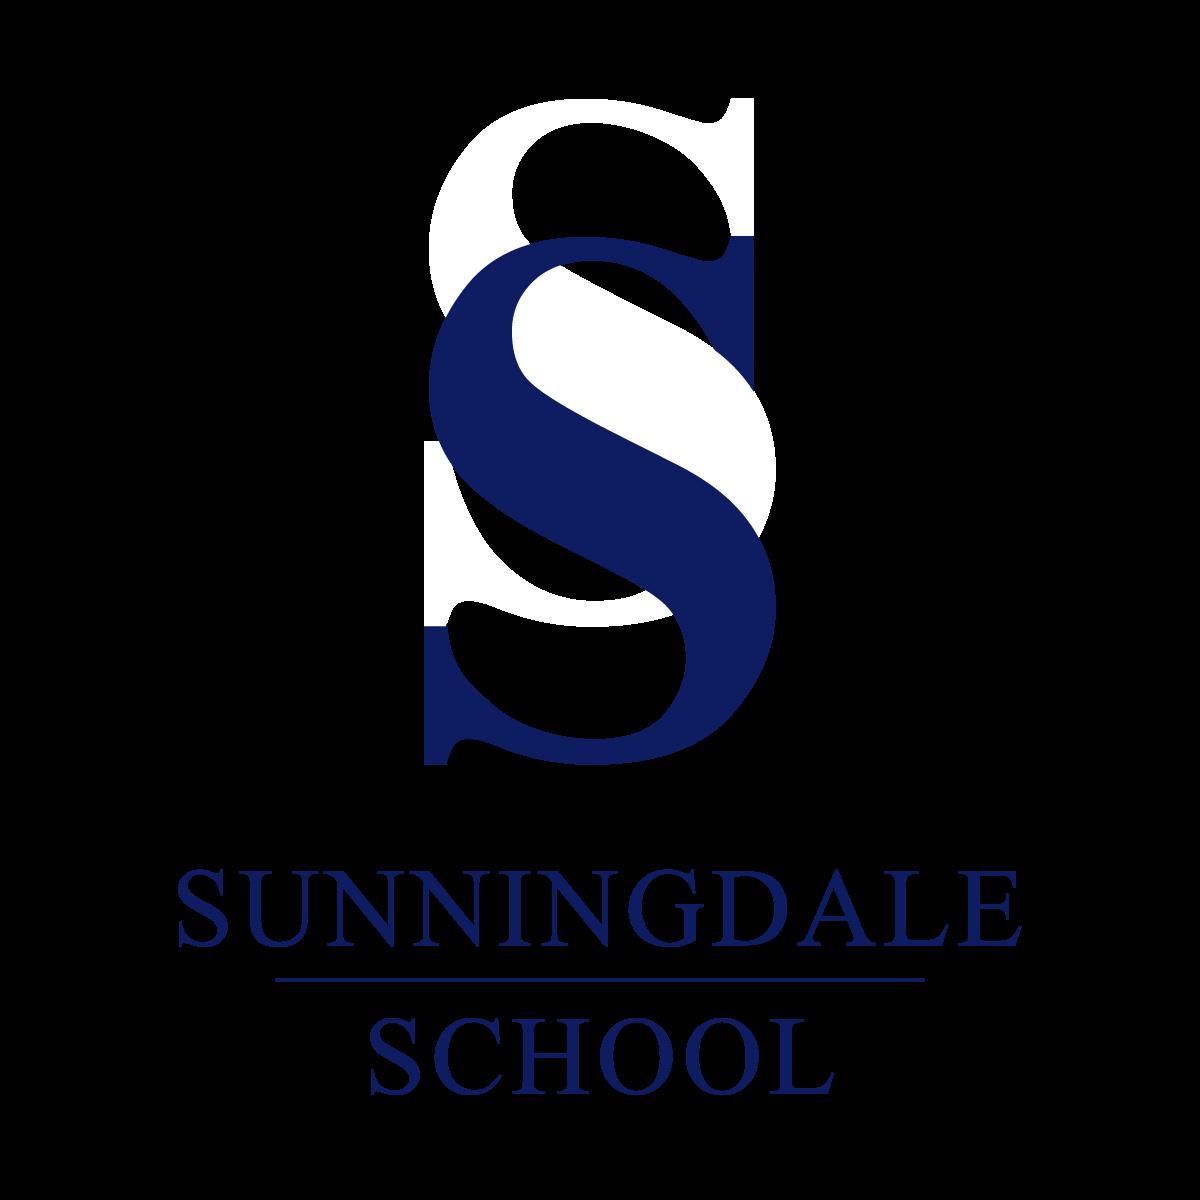 Sunningdale-School-On-Light-Blue.png